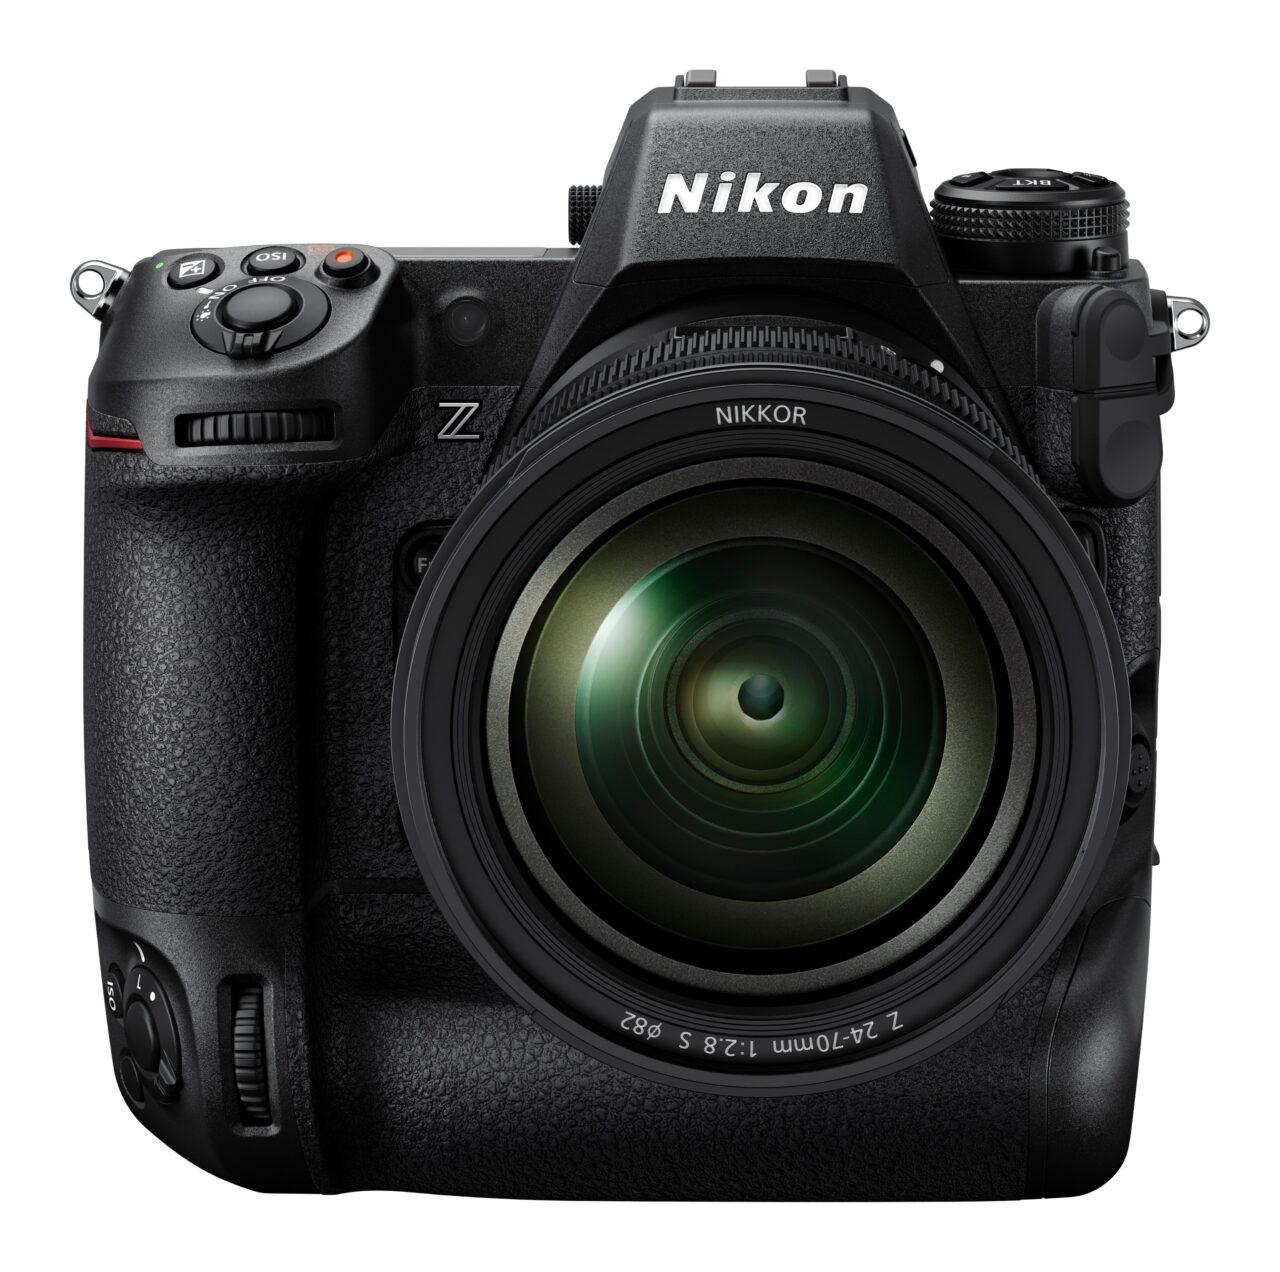 ニコン Z9の開発イメージ画像